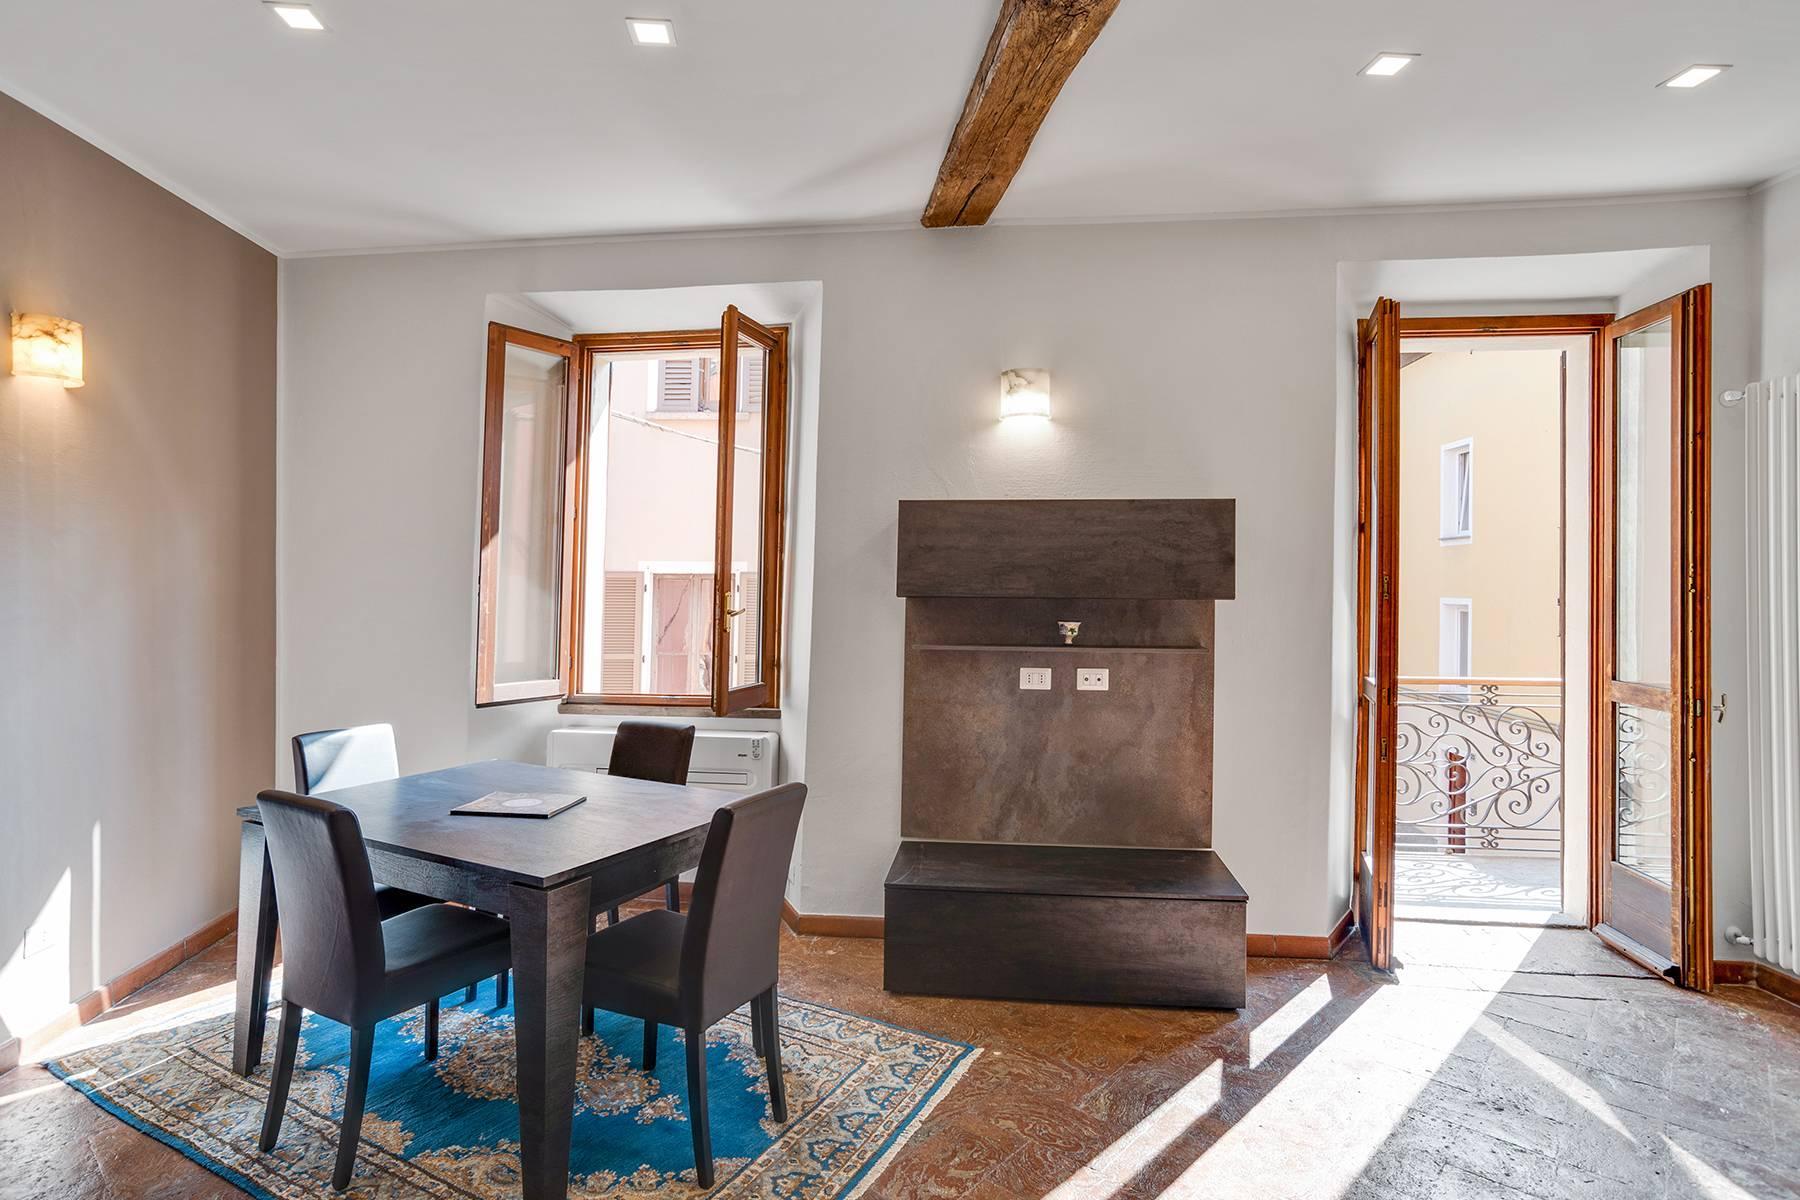 Elegante e soleggiato appartamento nel cuore di Arona - 3